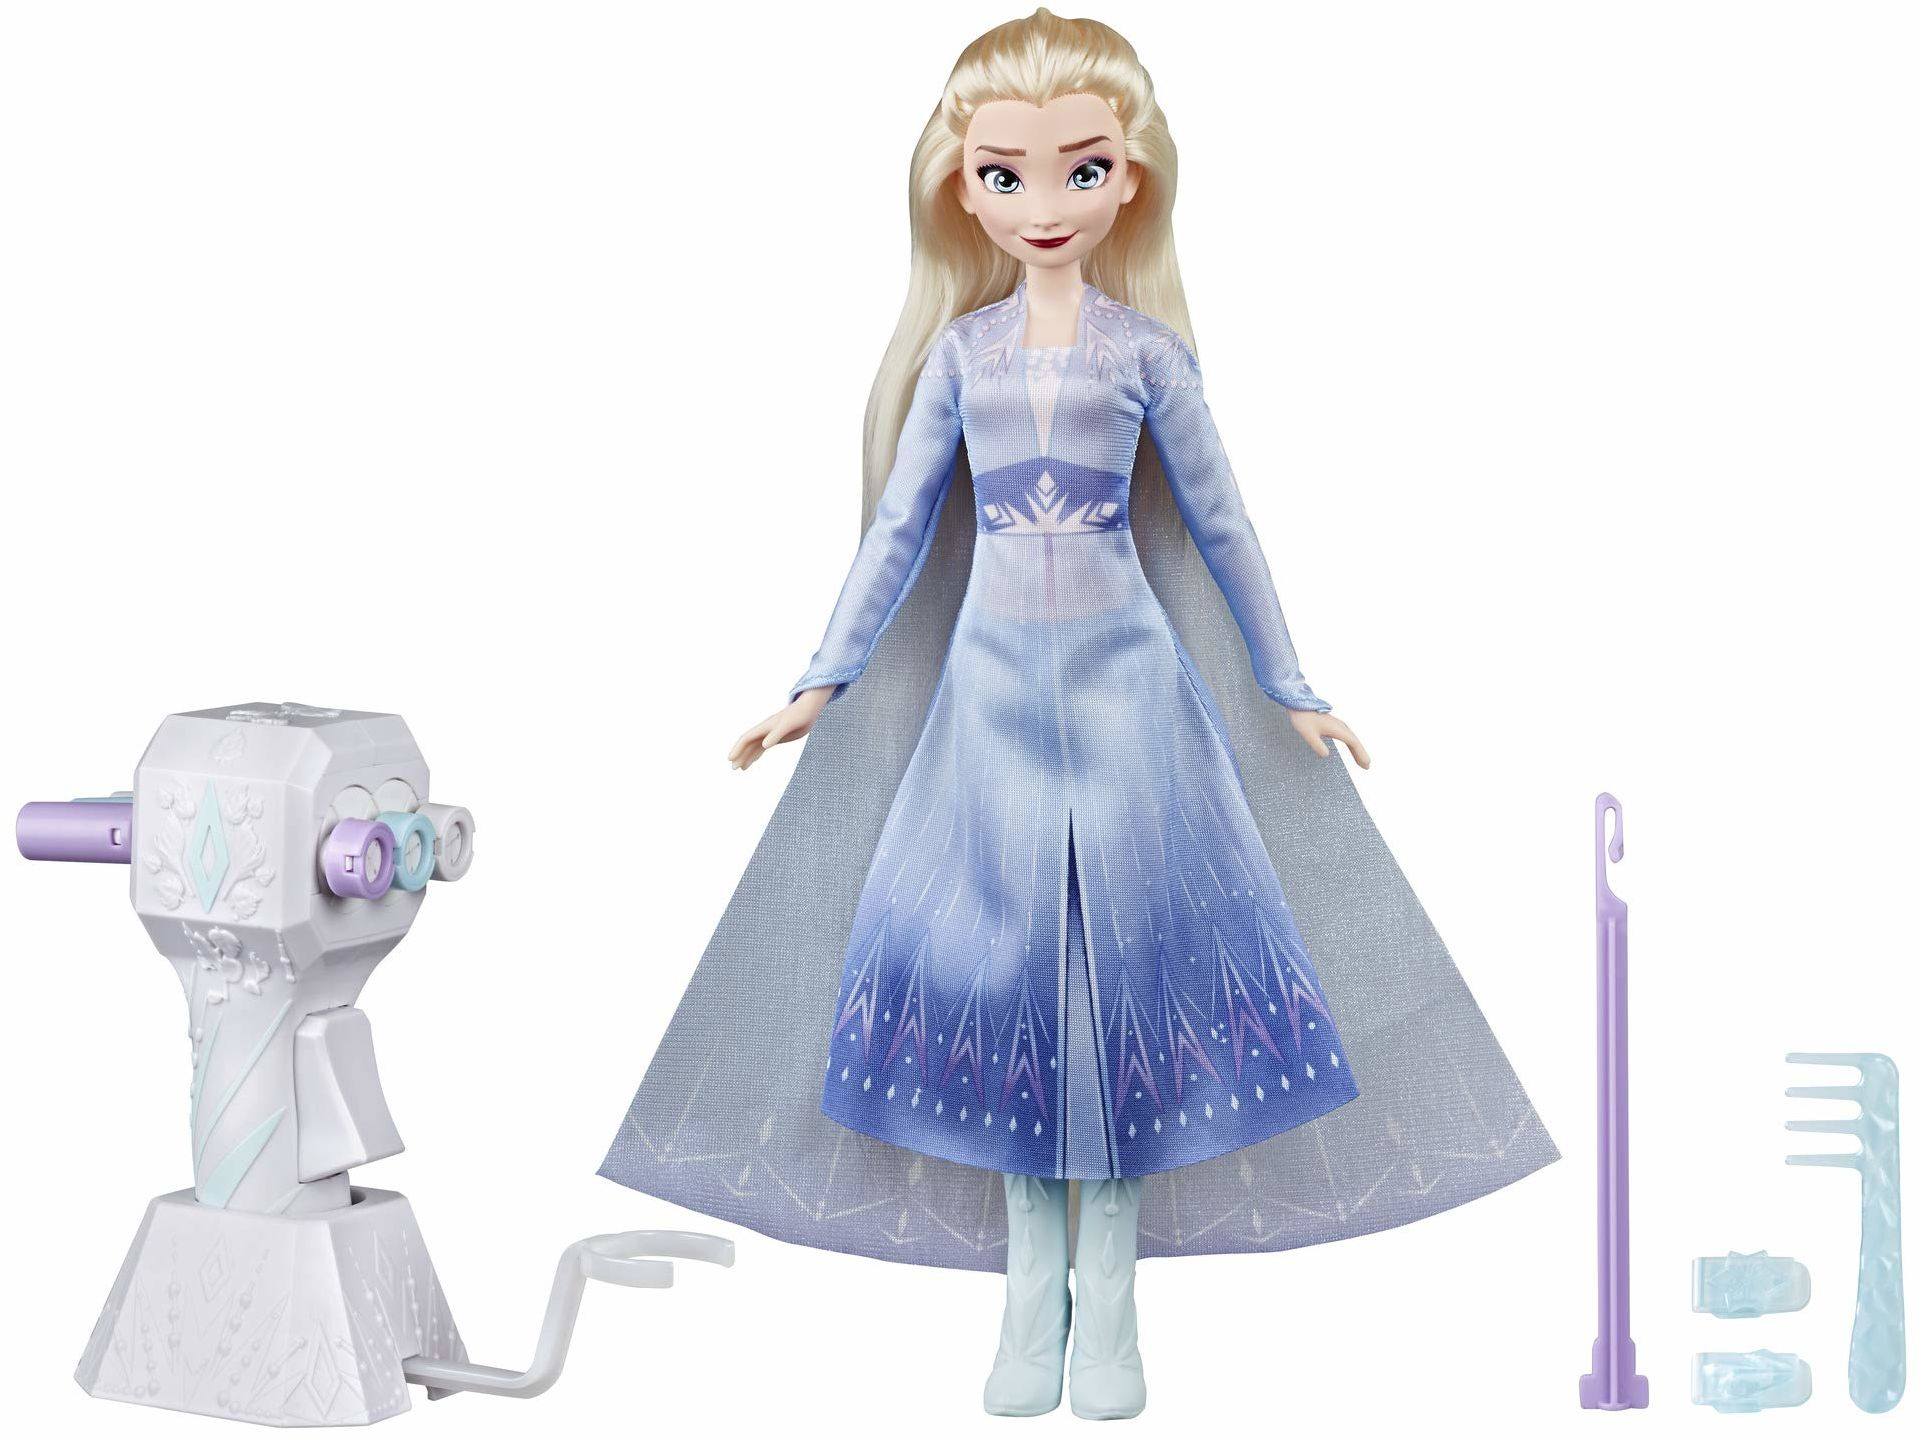 Disney Kraina Lodu Lodu Lodu Lodu Lalka z bardzo długimi włosami blond, modelarką i spinkami do włosów  zabawka dla dzieci od 5 lat